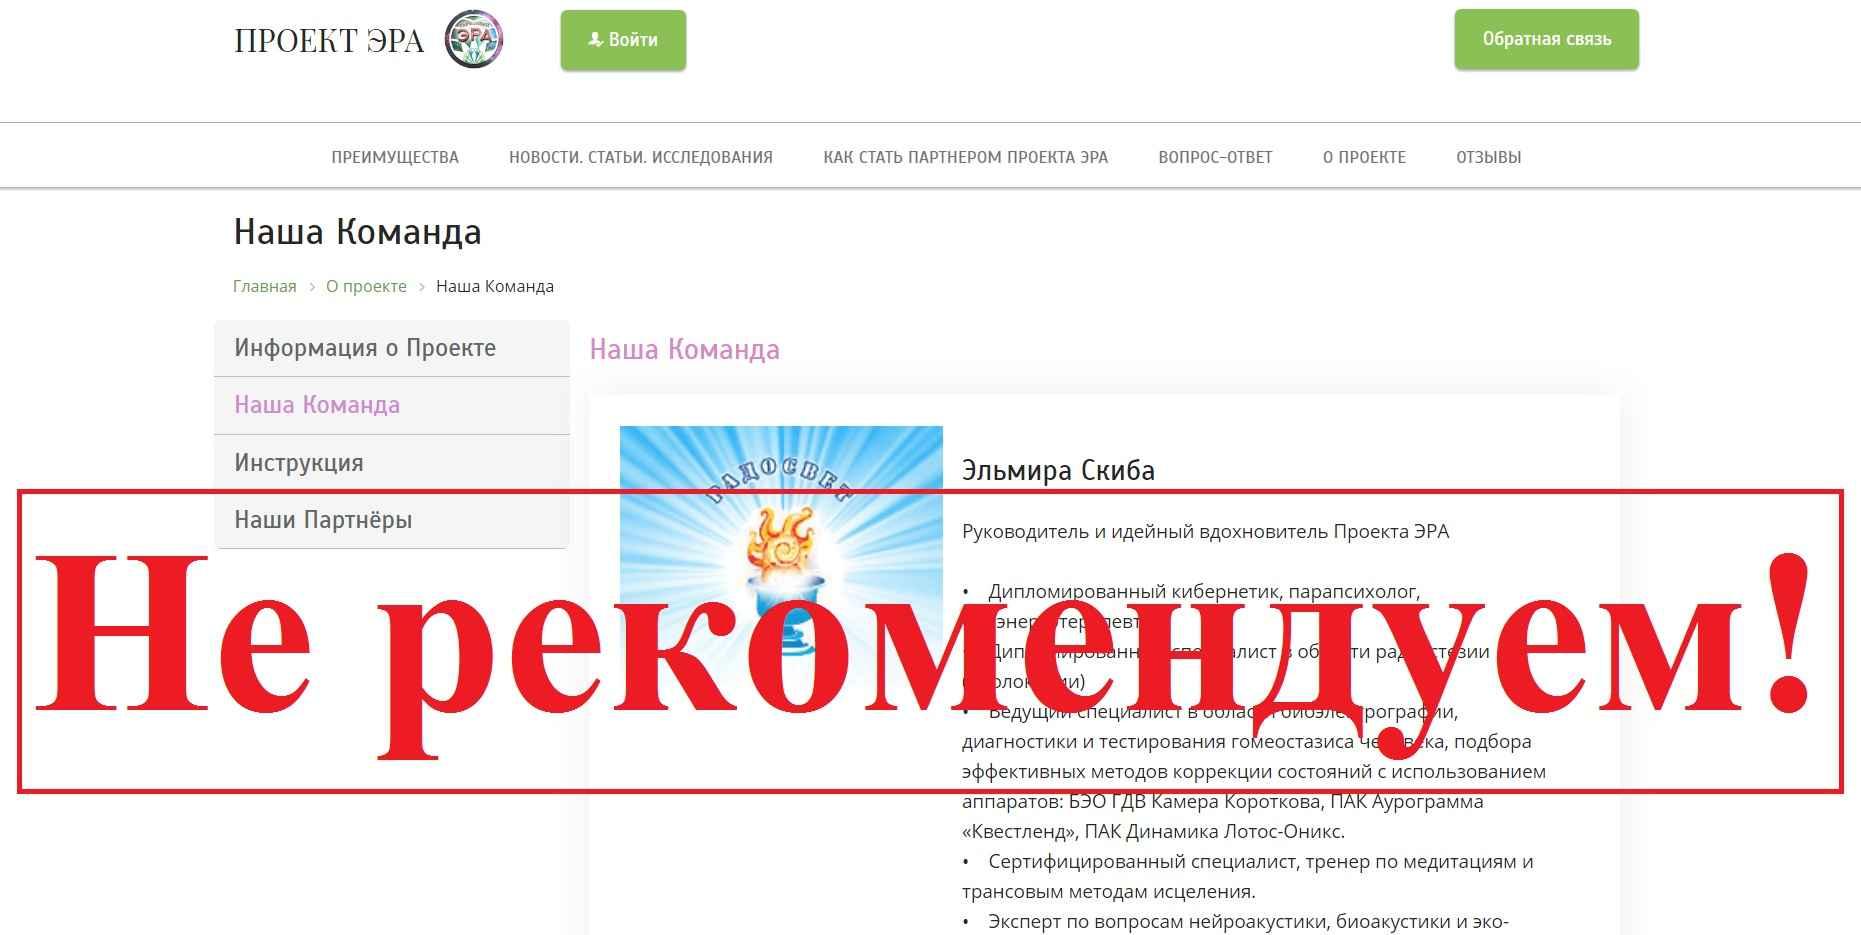 Проект Эра – реальные отзывы и обзор project-era.ru